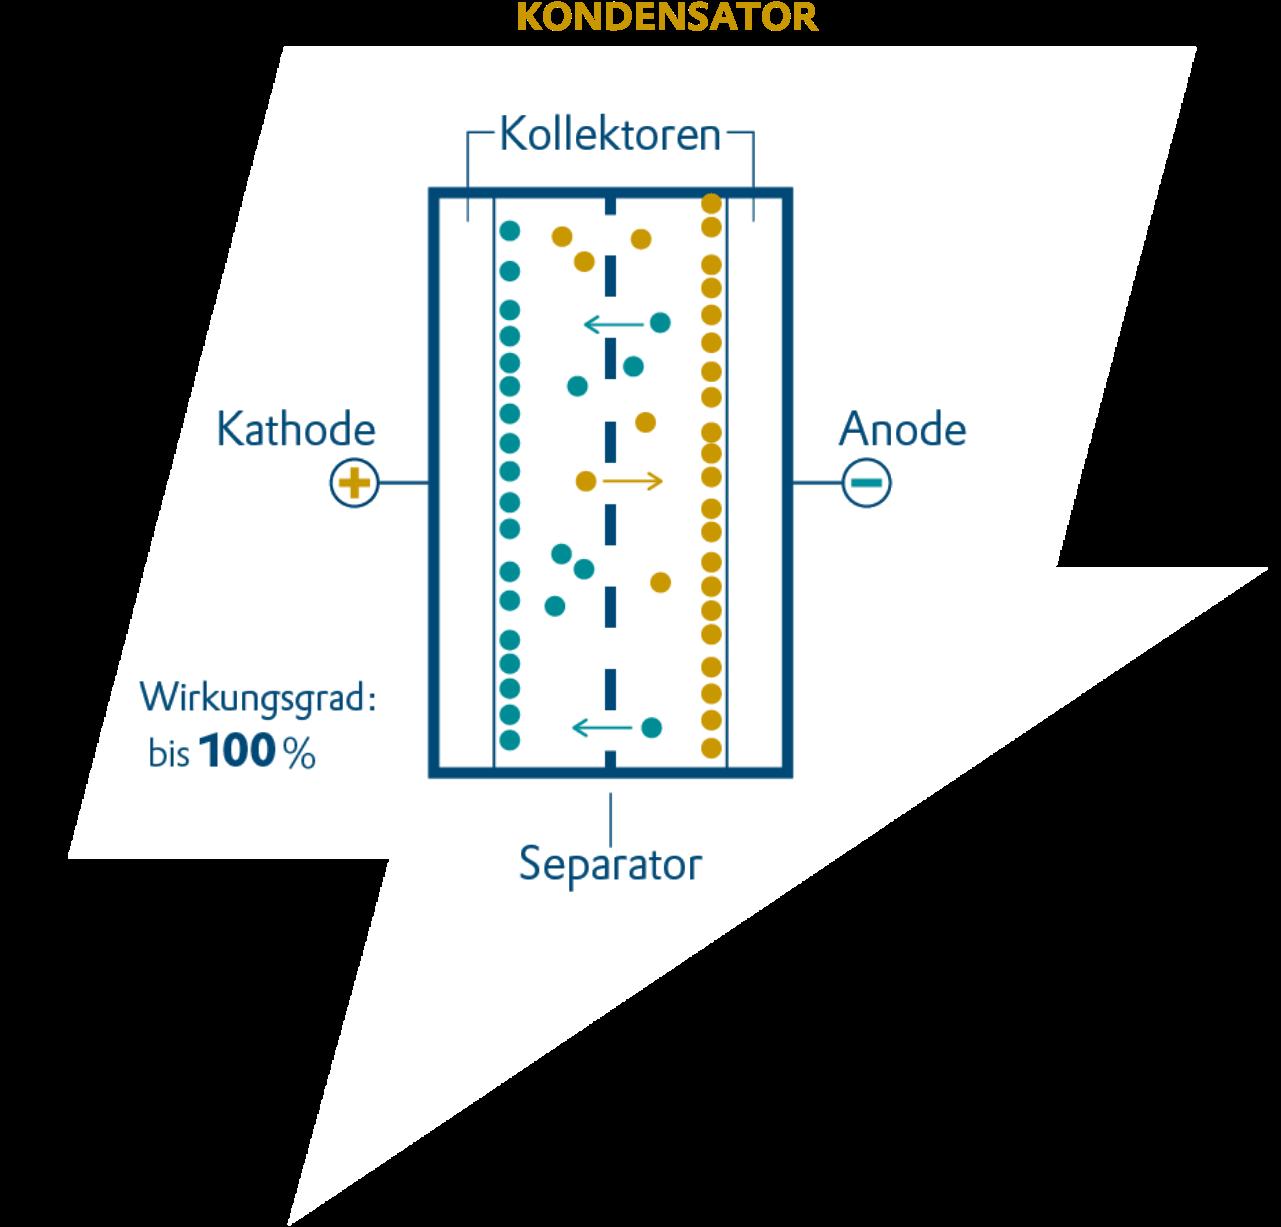 Elektrischer Speicher, Kondensator